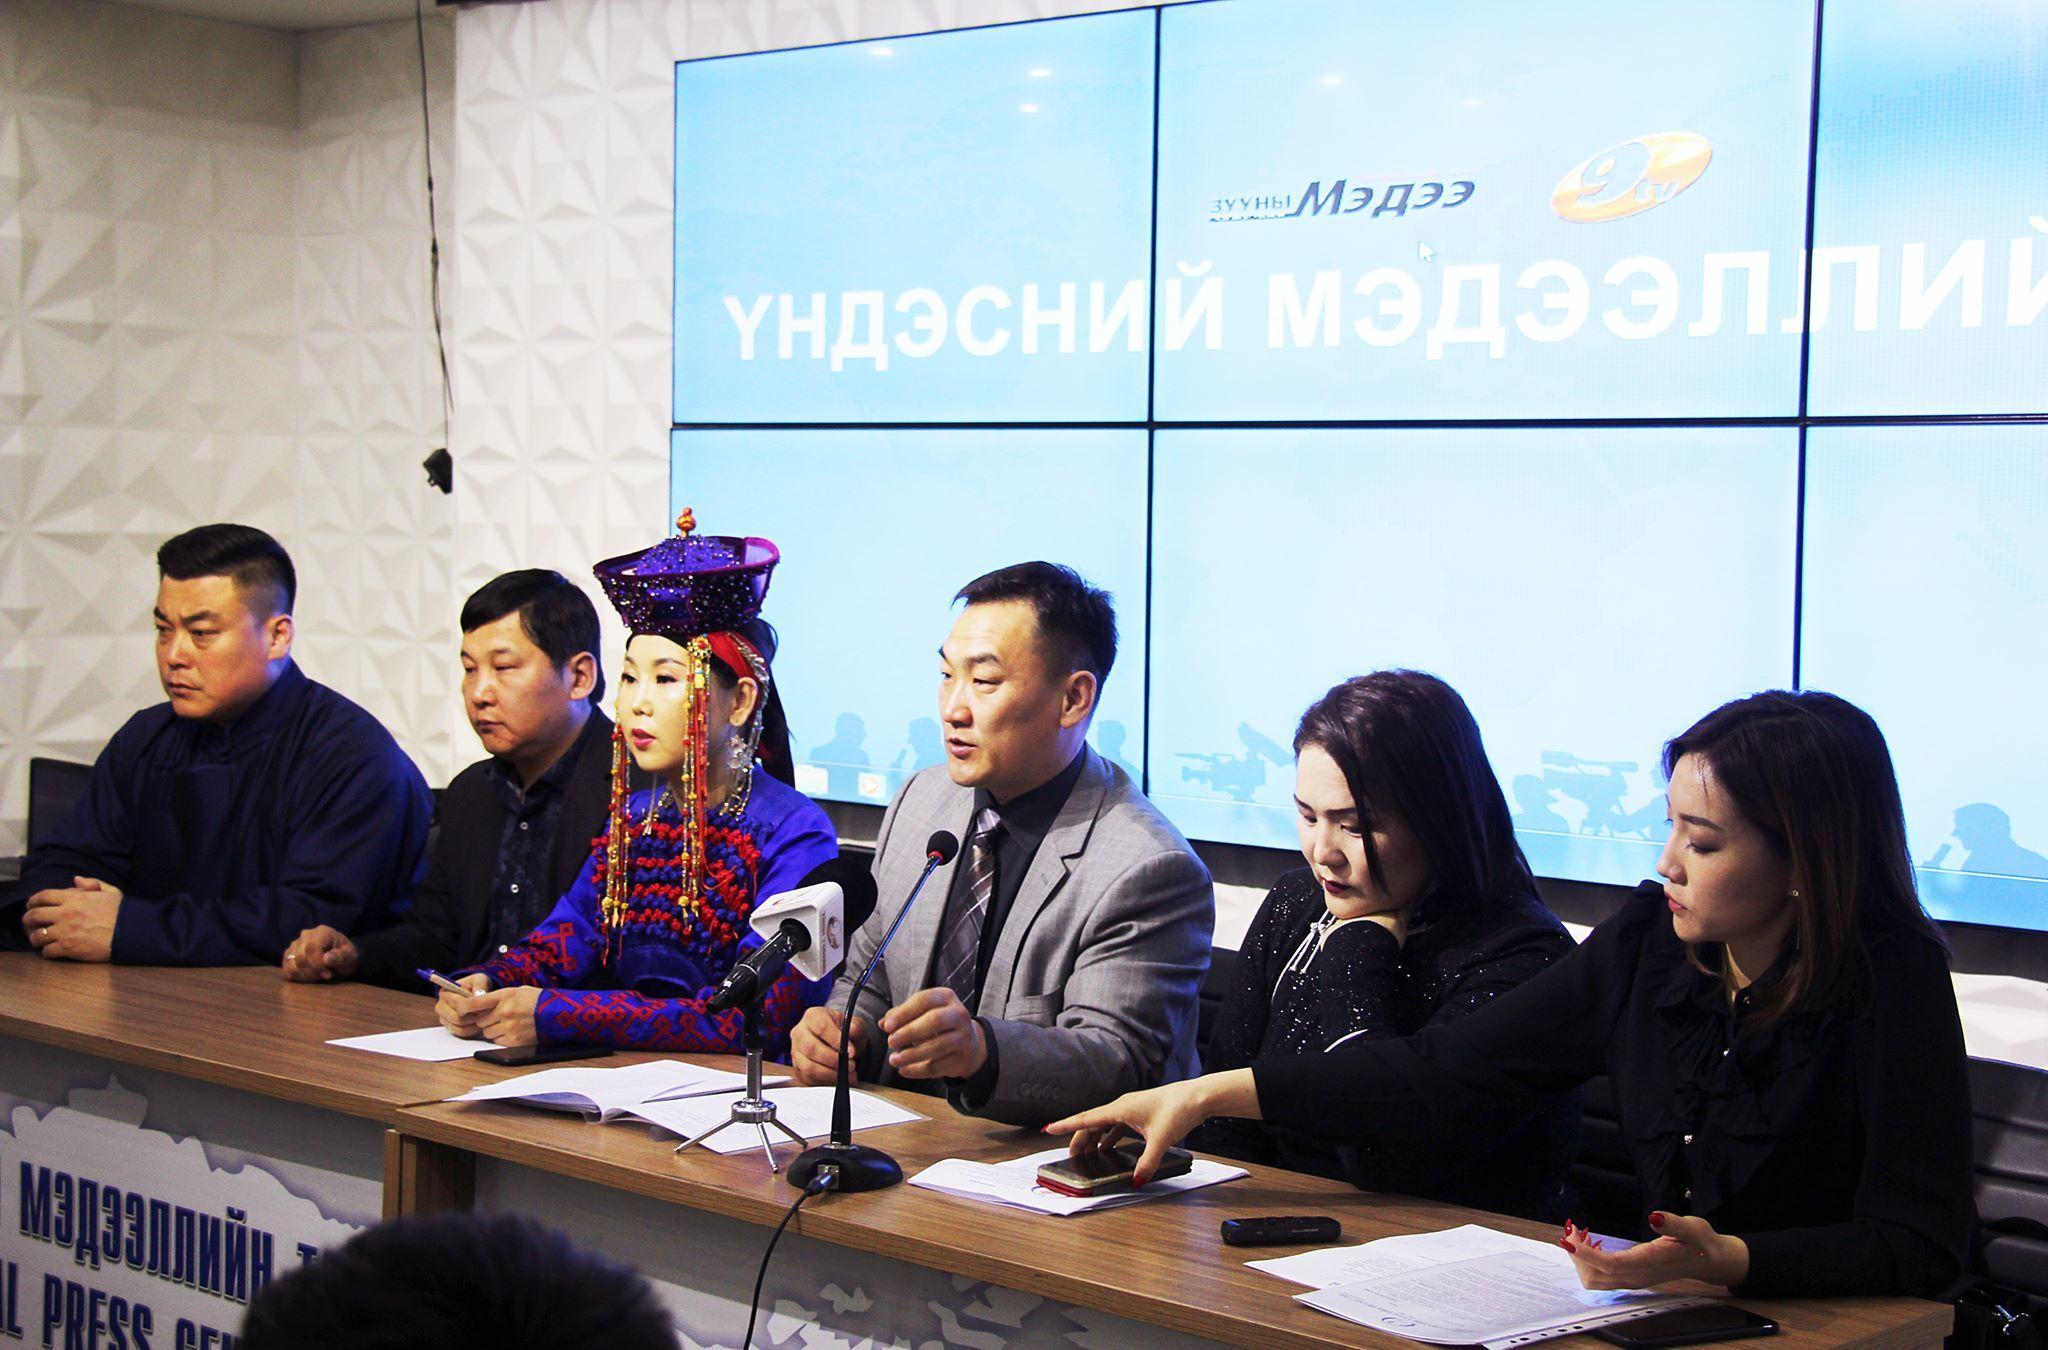 хэвлэлийн-хурал-2019.05.15 Дэлхийн Монгол туургатан хүүхдийн ардын урлагийн их наадам хоёр дахь удаагаа болно